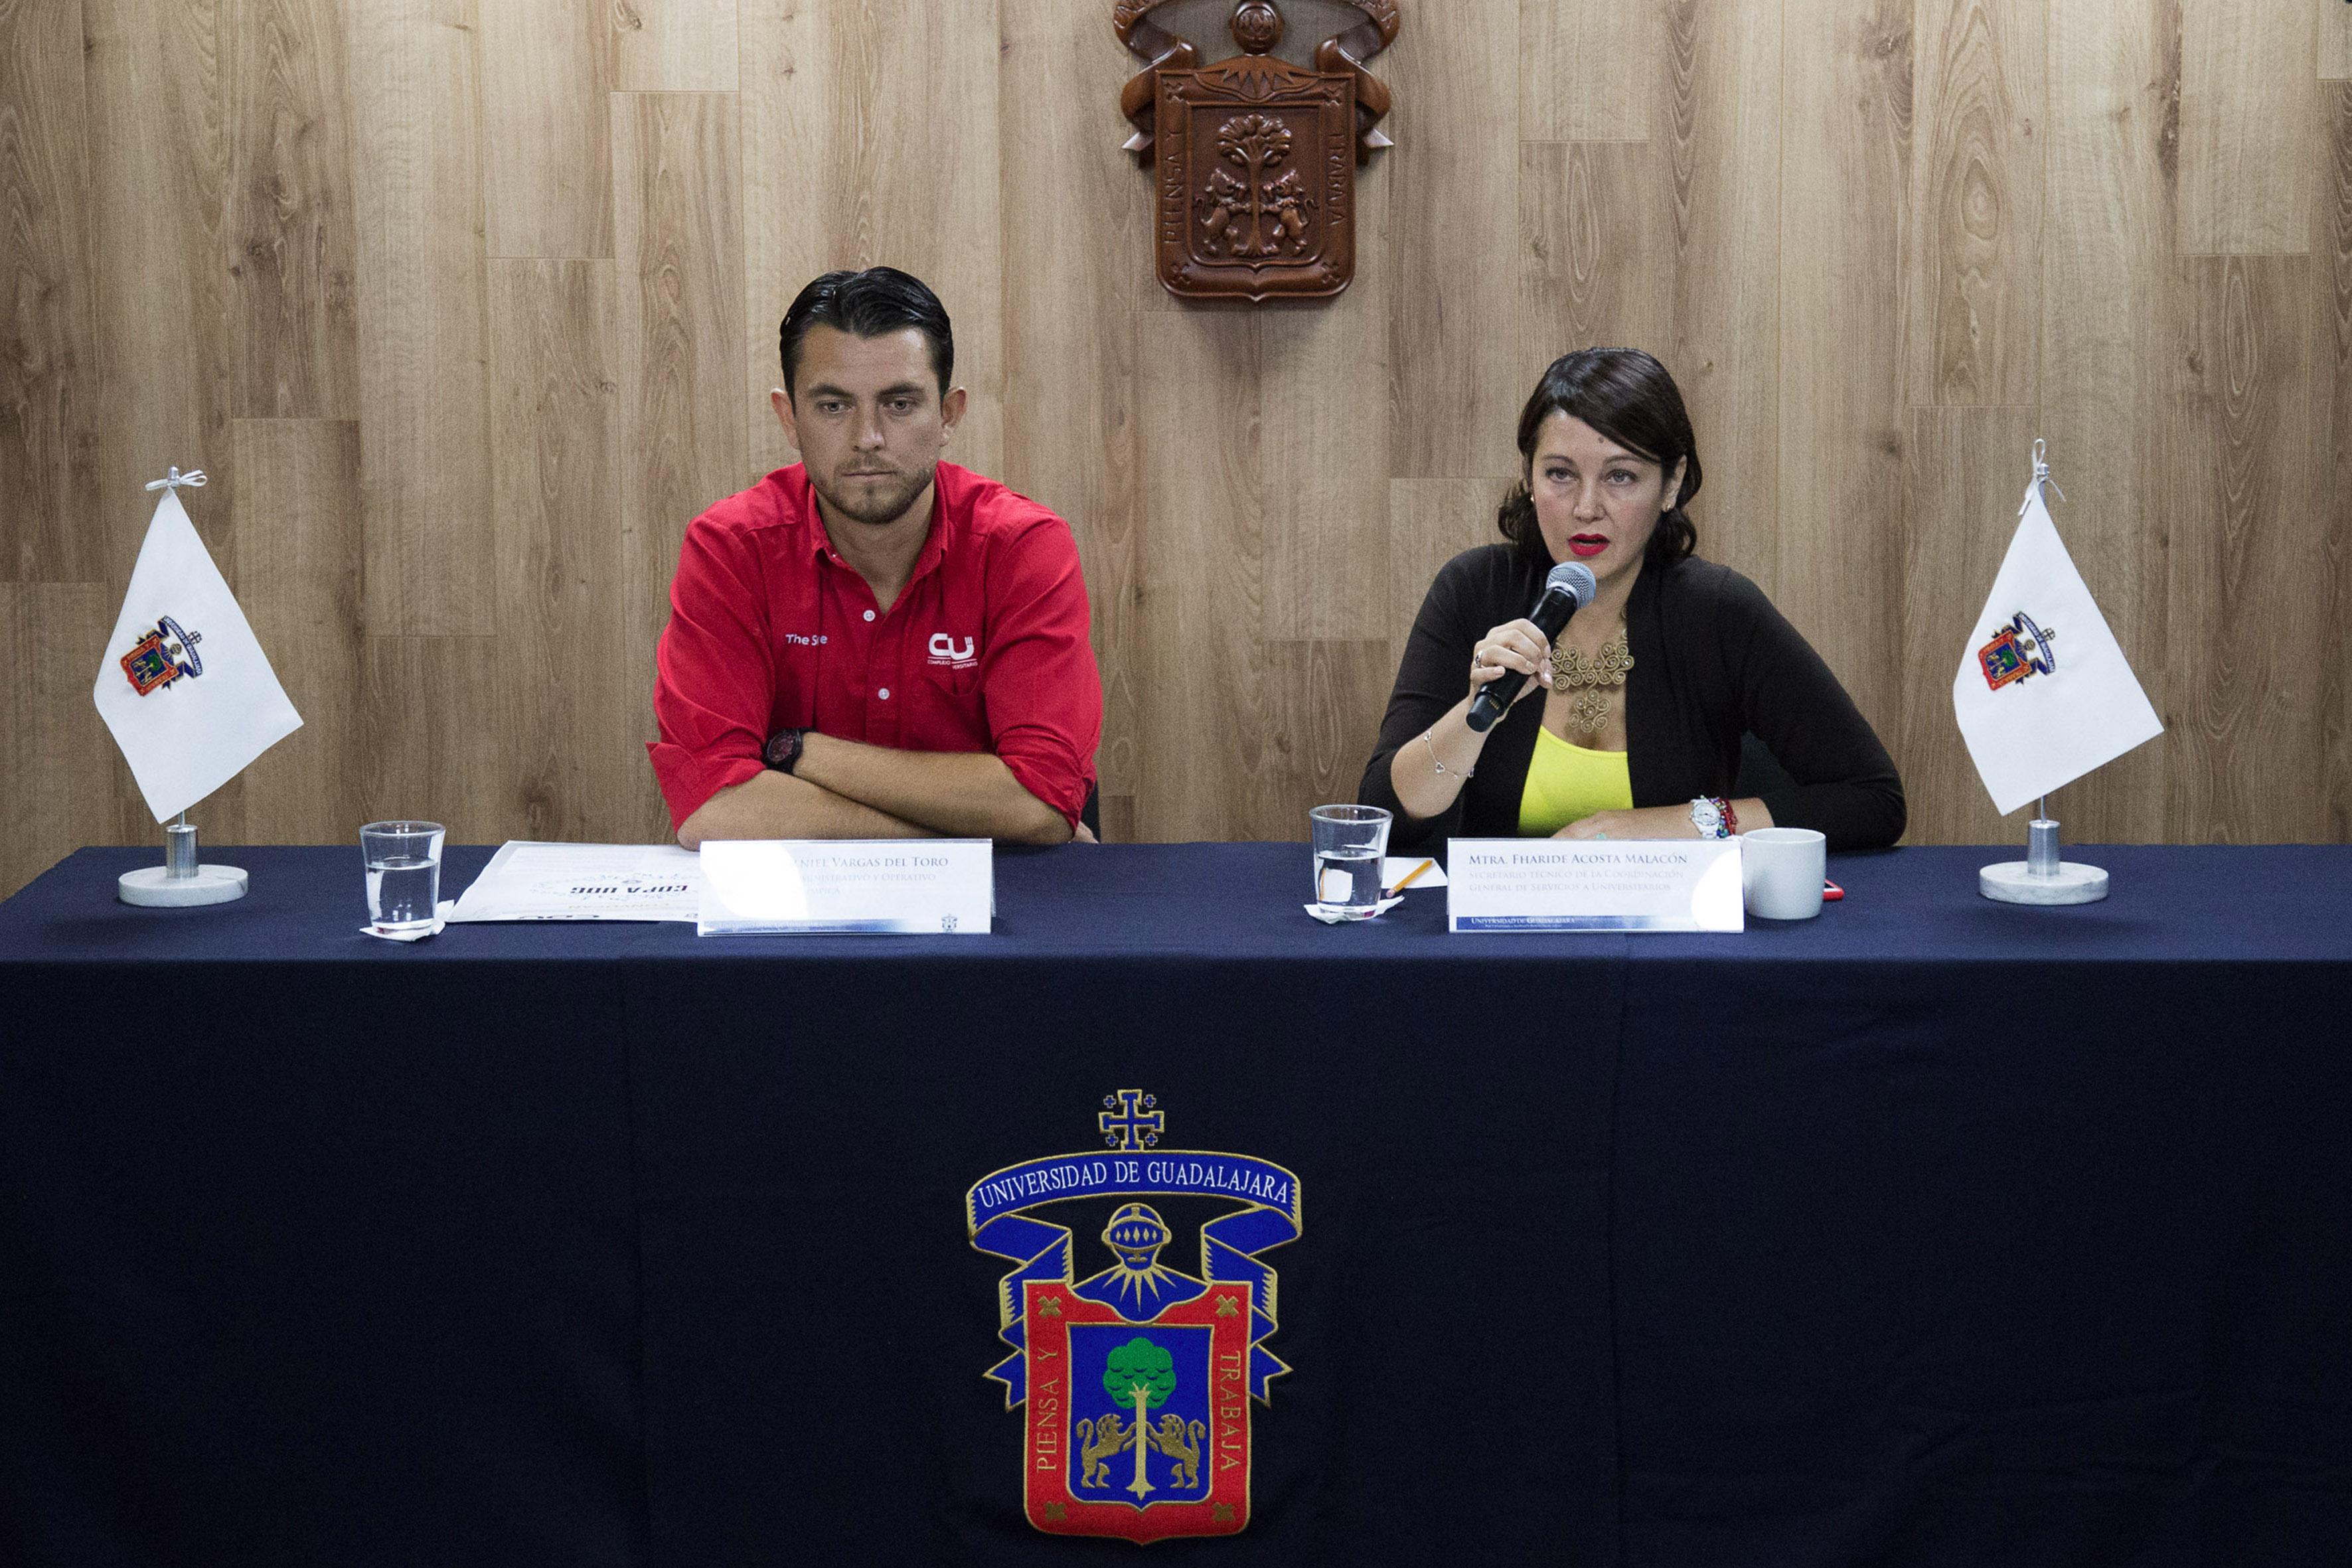 Rueda de prensa para anunciar  la primera Copa UdeG de Natación en la alberca olímpica de la Universidad de Guadalajara